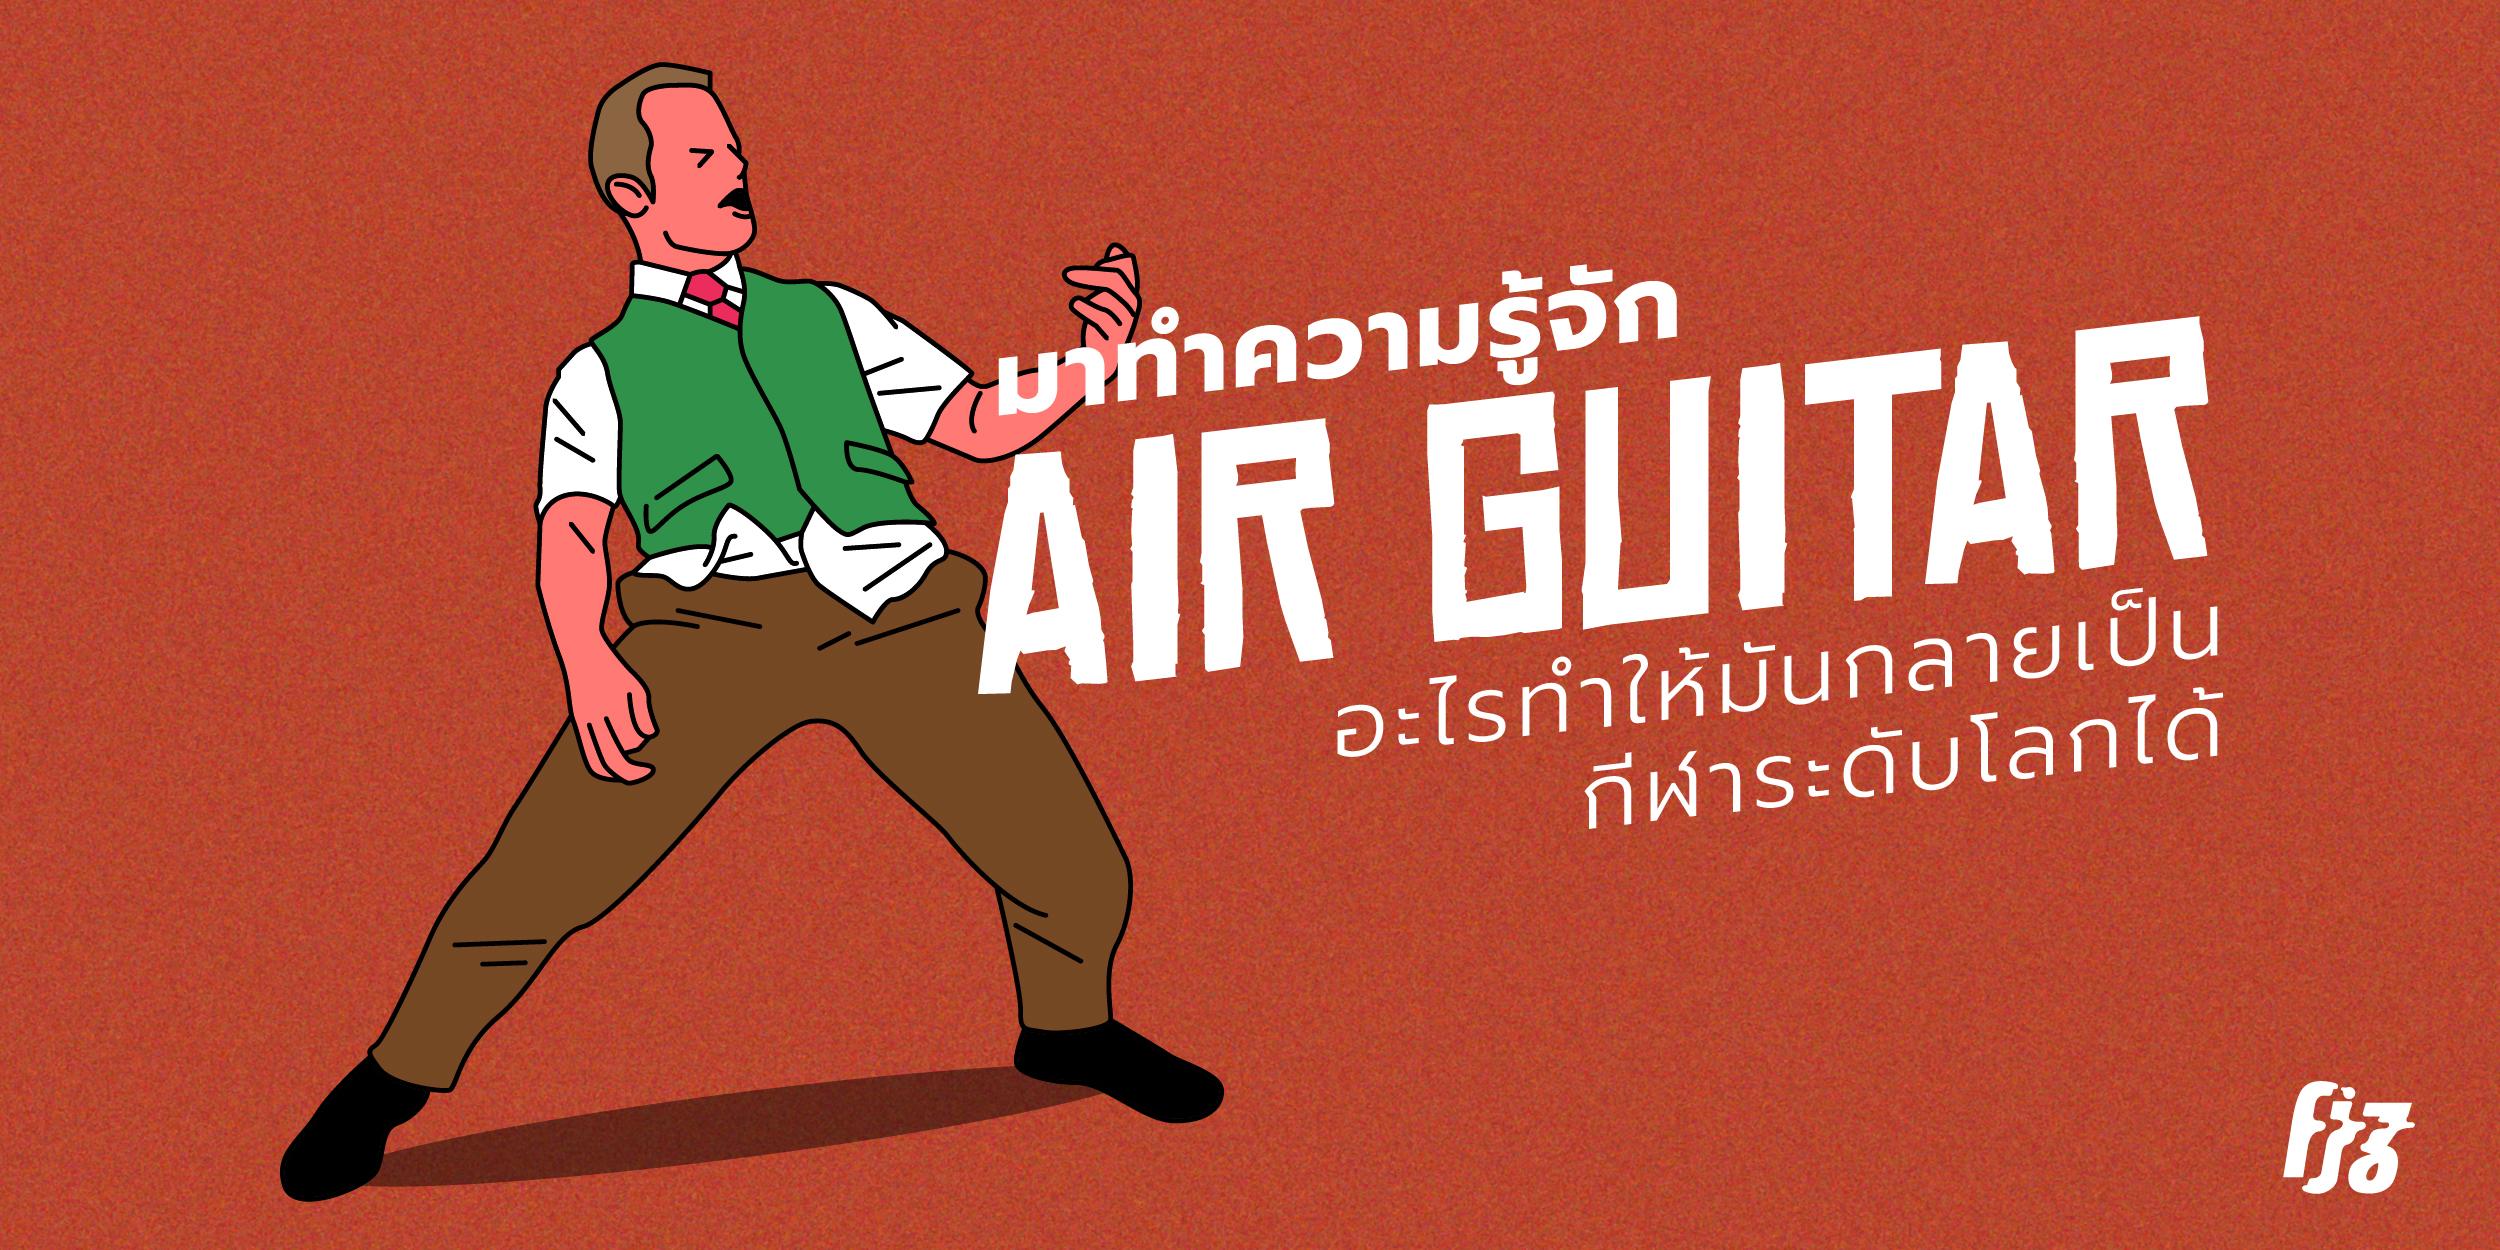 ทำความรู้จักกับ Air Guitar ว่าอะไร ทำให้มันกลายเป็นกีฬาระดับโลก